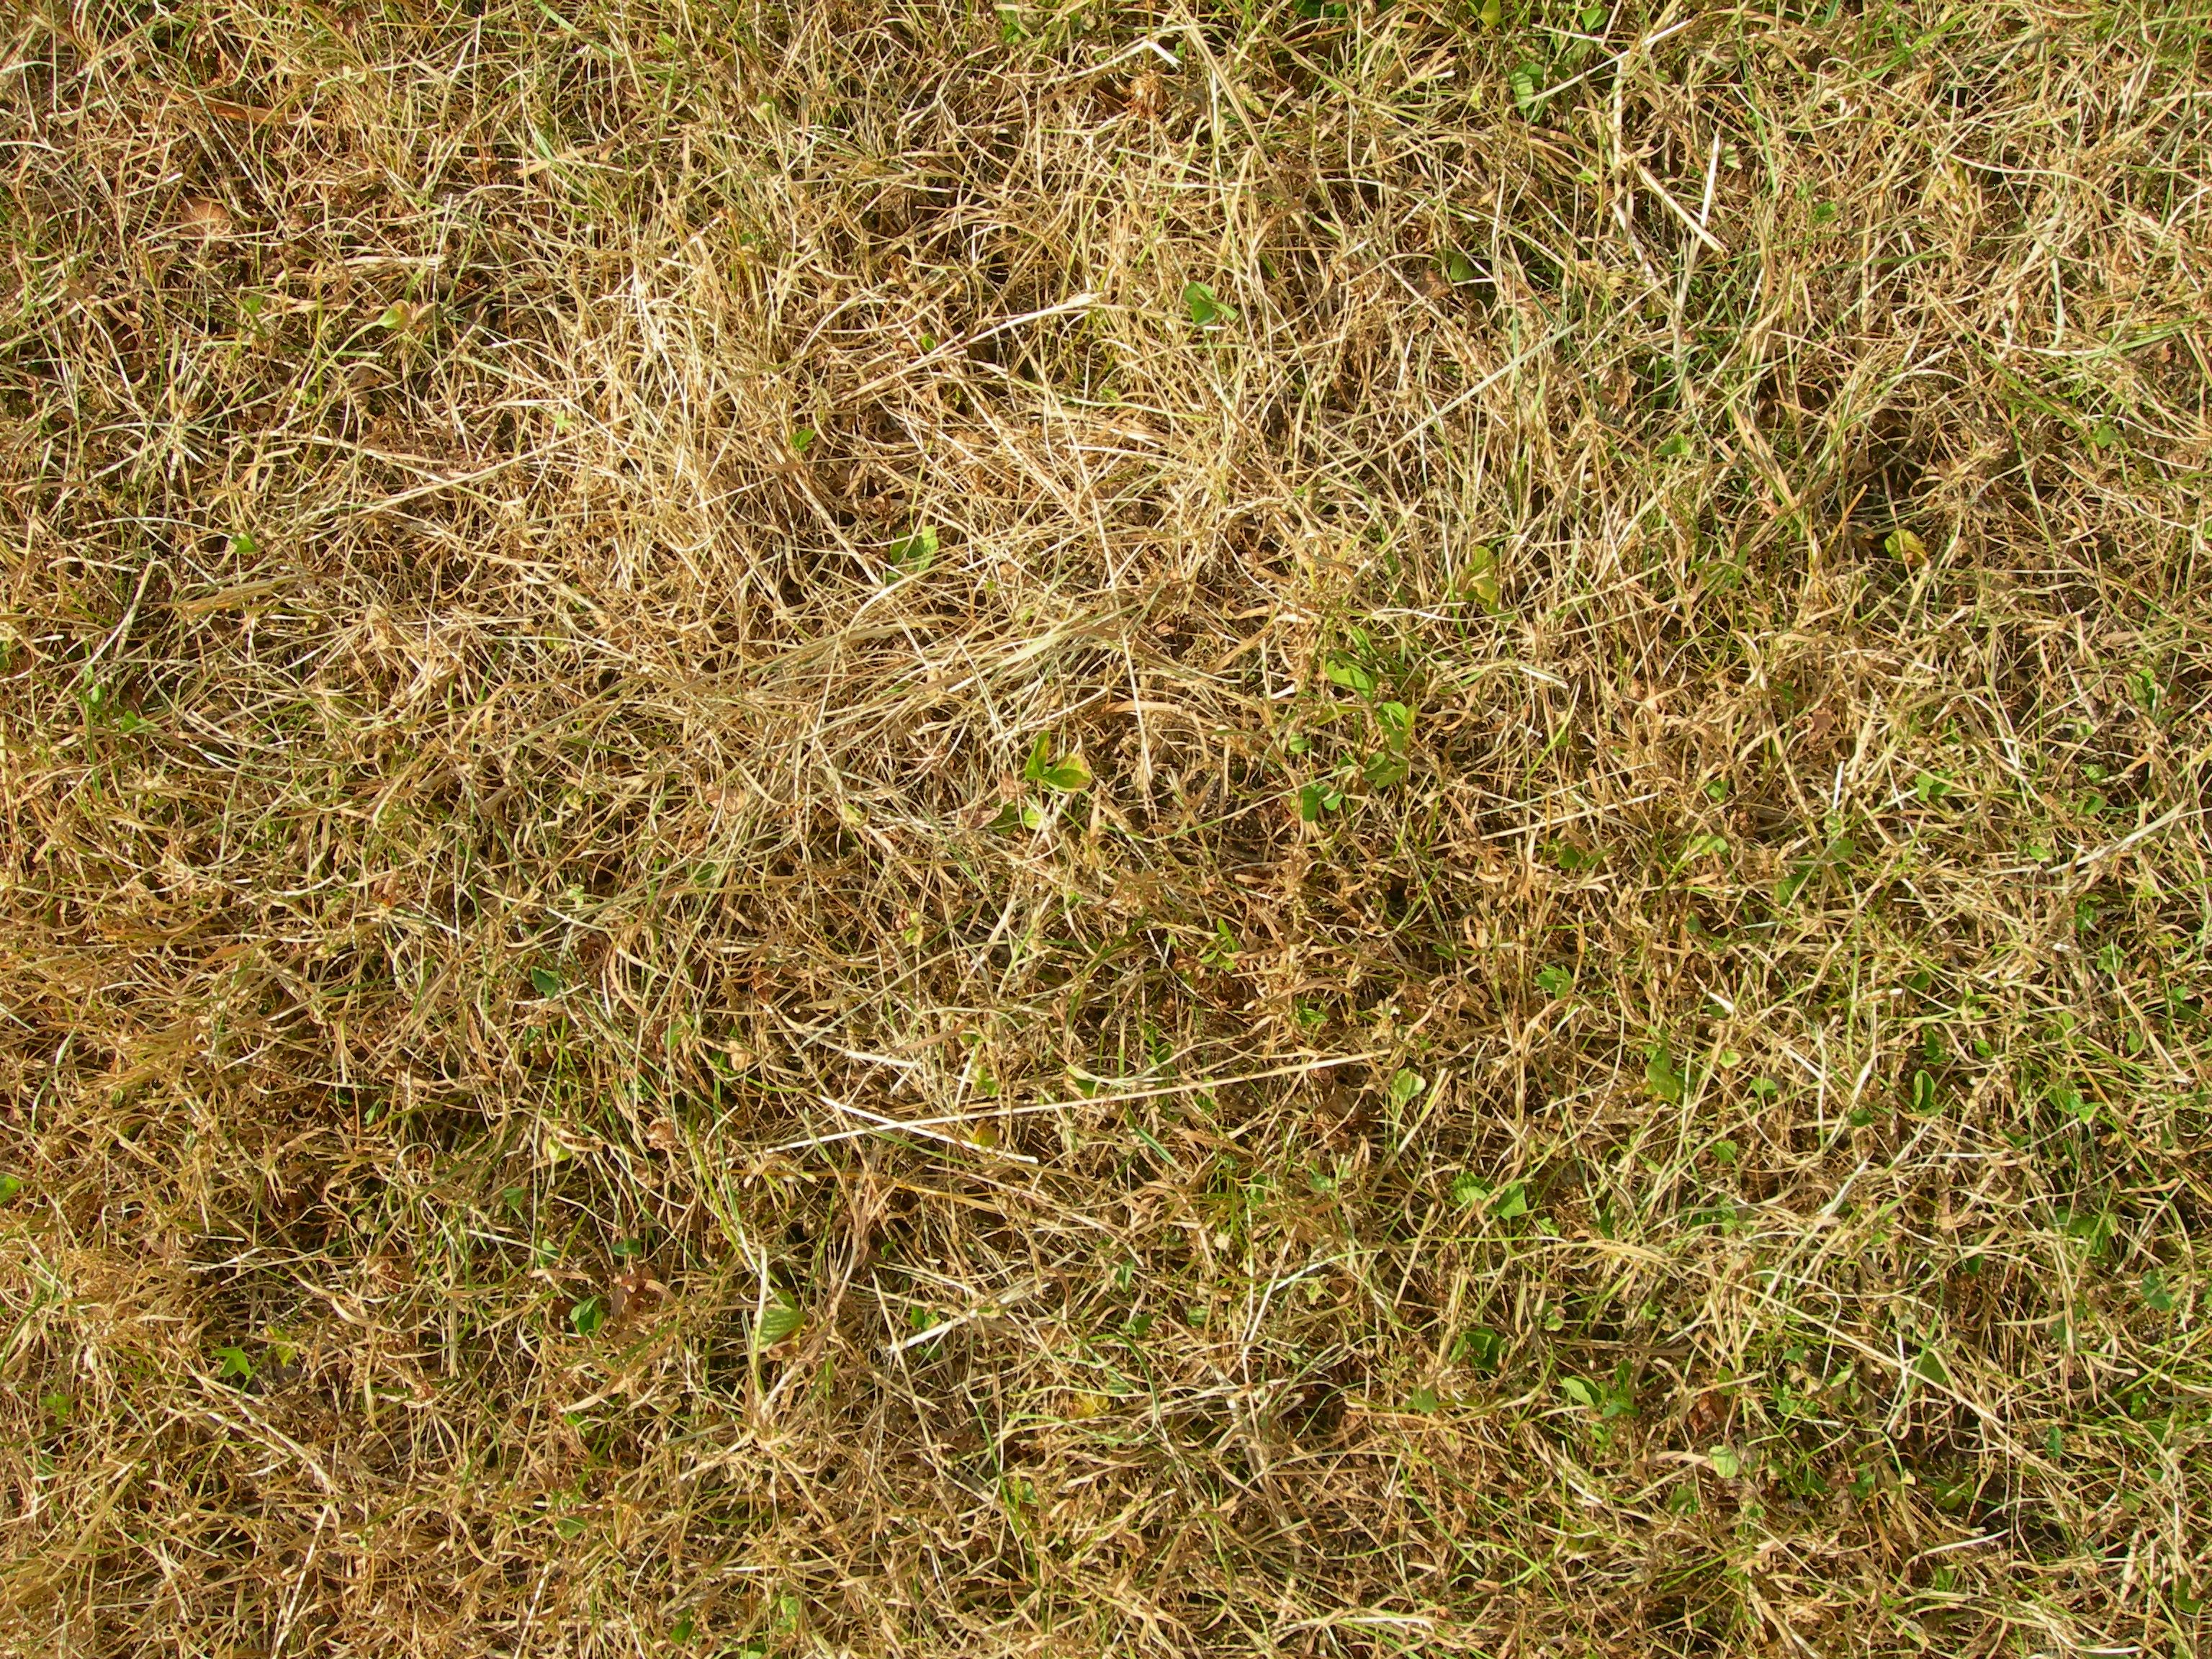 texture - dead grass